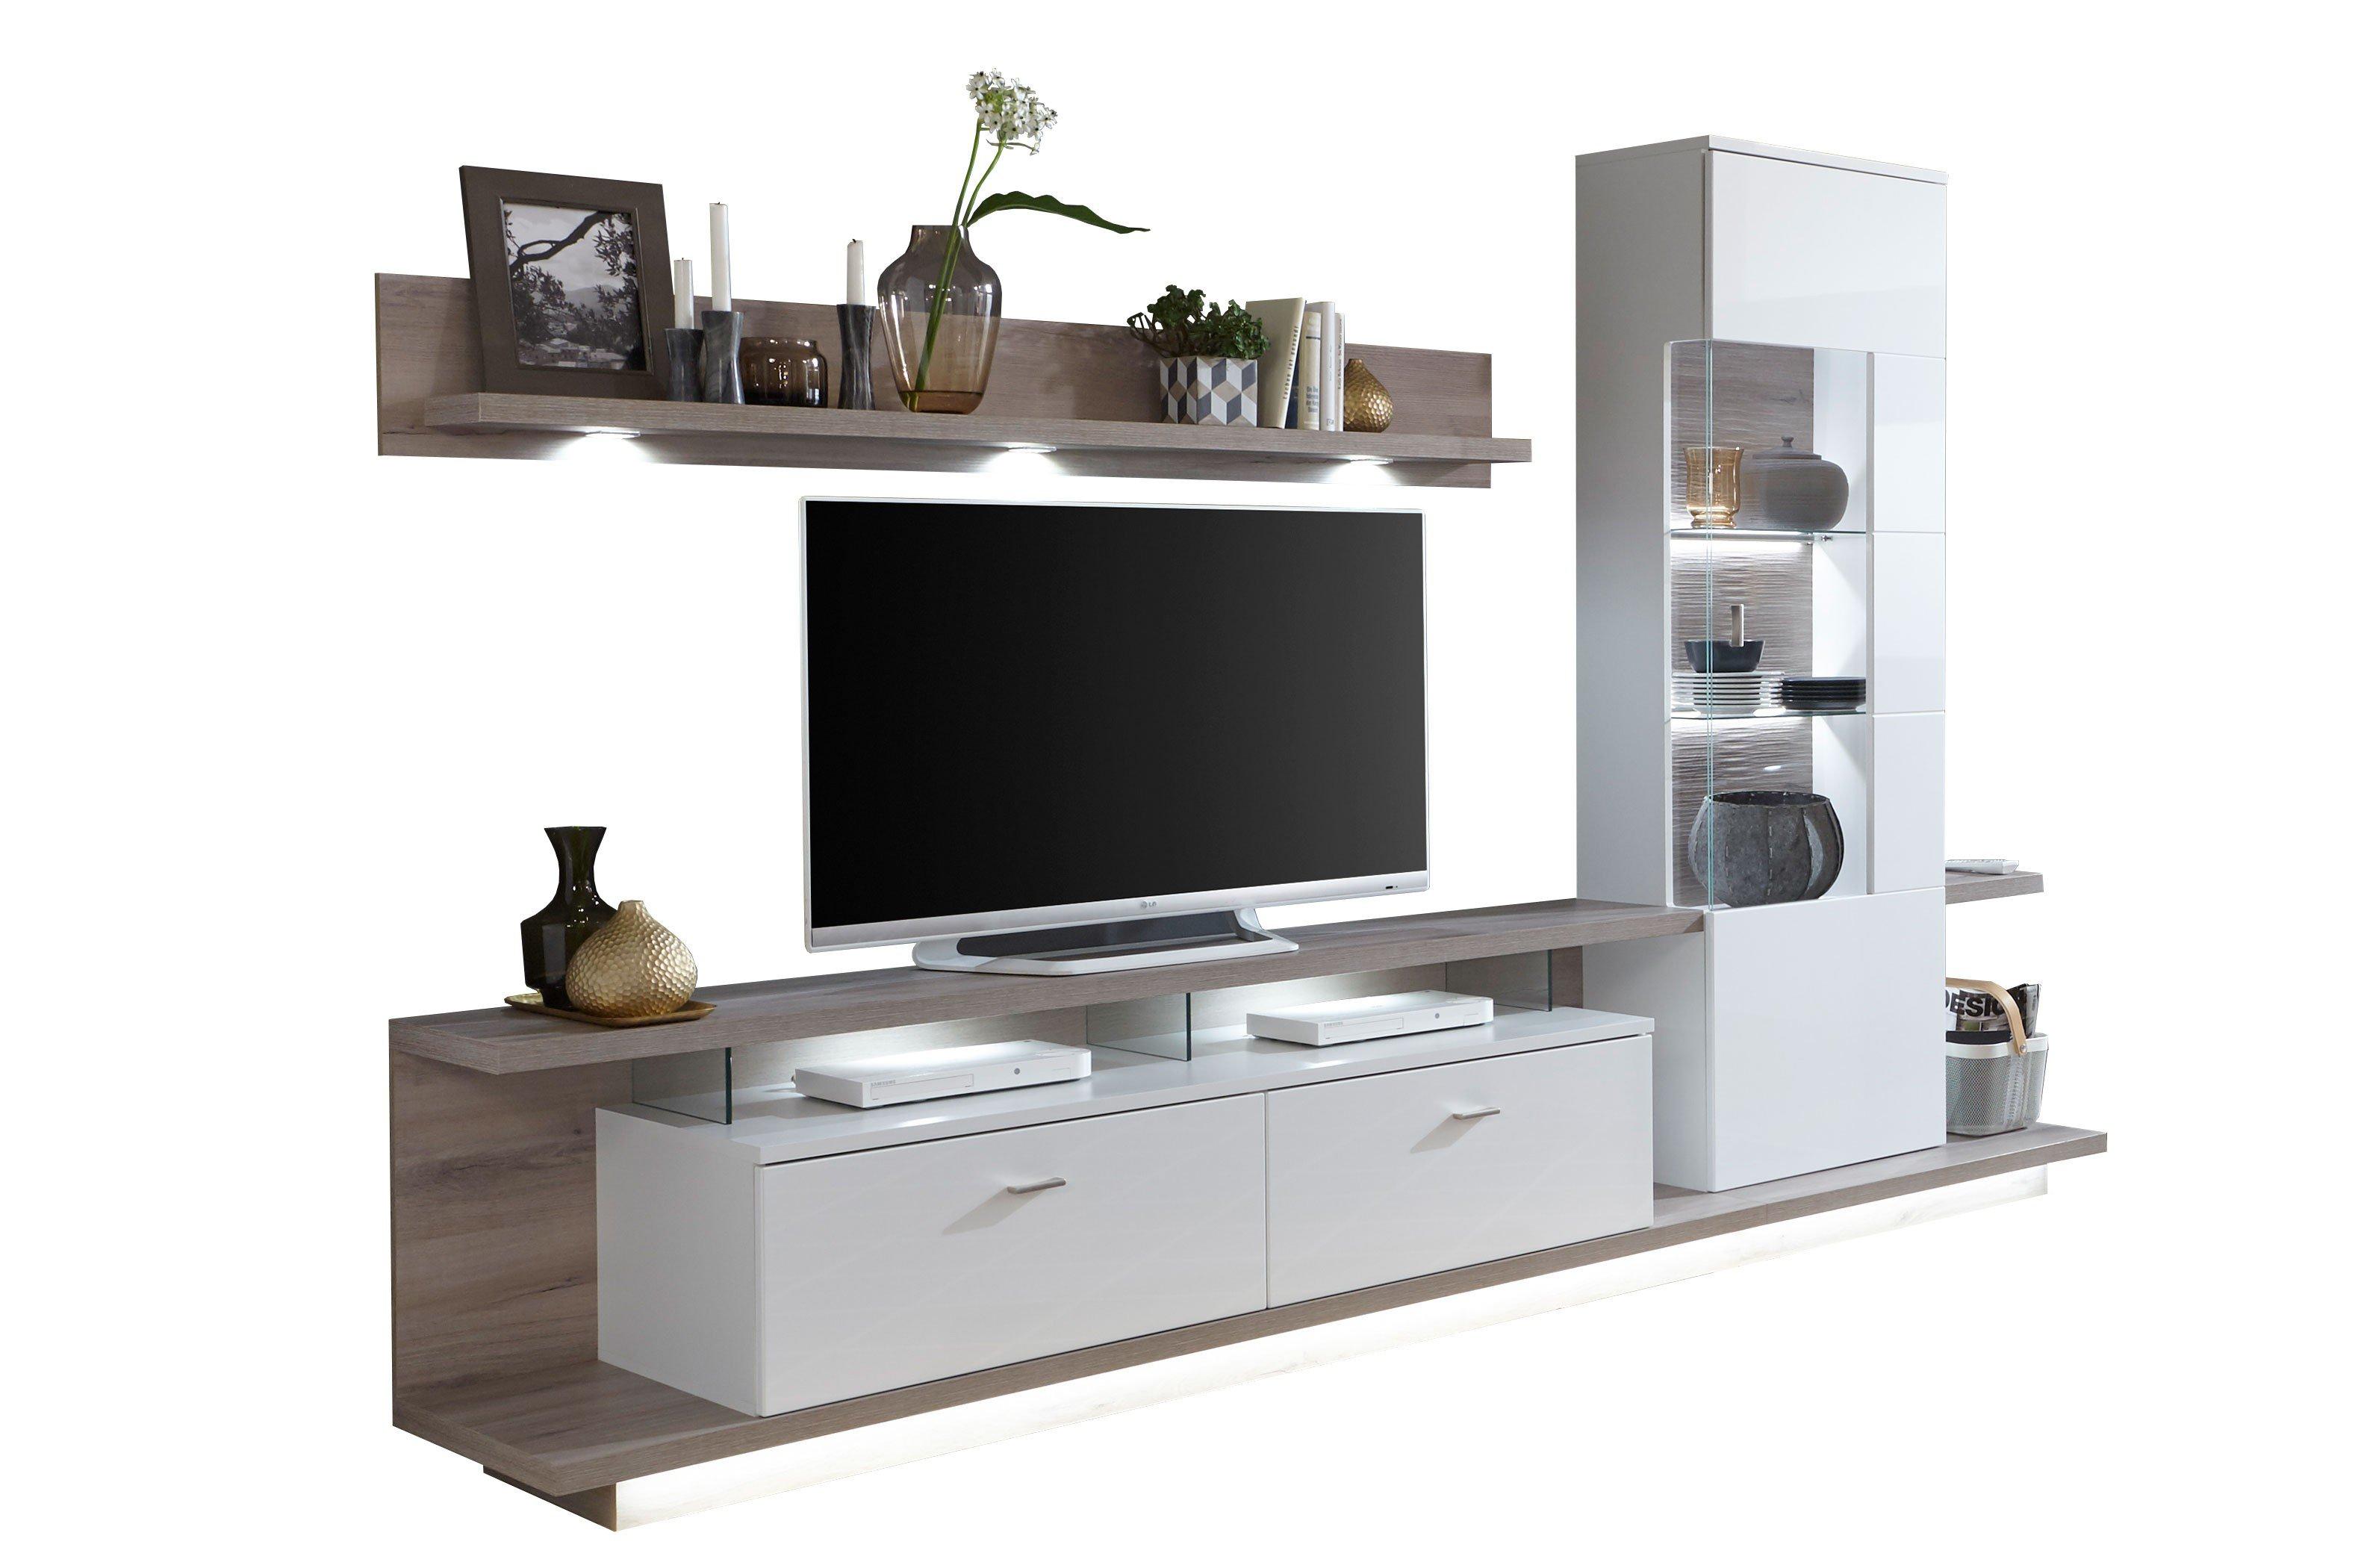 ideal m bel wohnwand nuna 12 wei eiche kronberg dunkel m bel letz ihr online shop. Black Bedroom Furniture Sets. Home Design Ideas